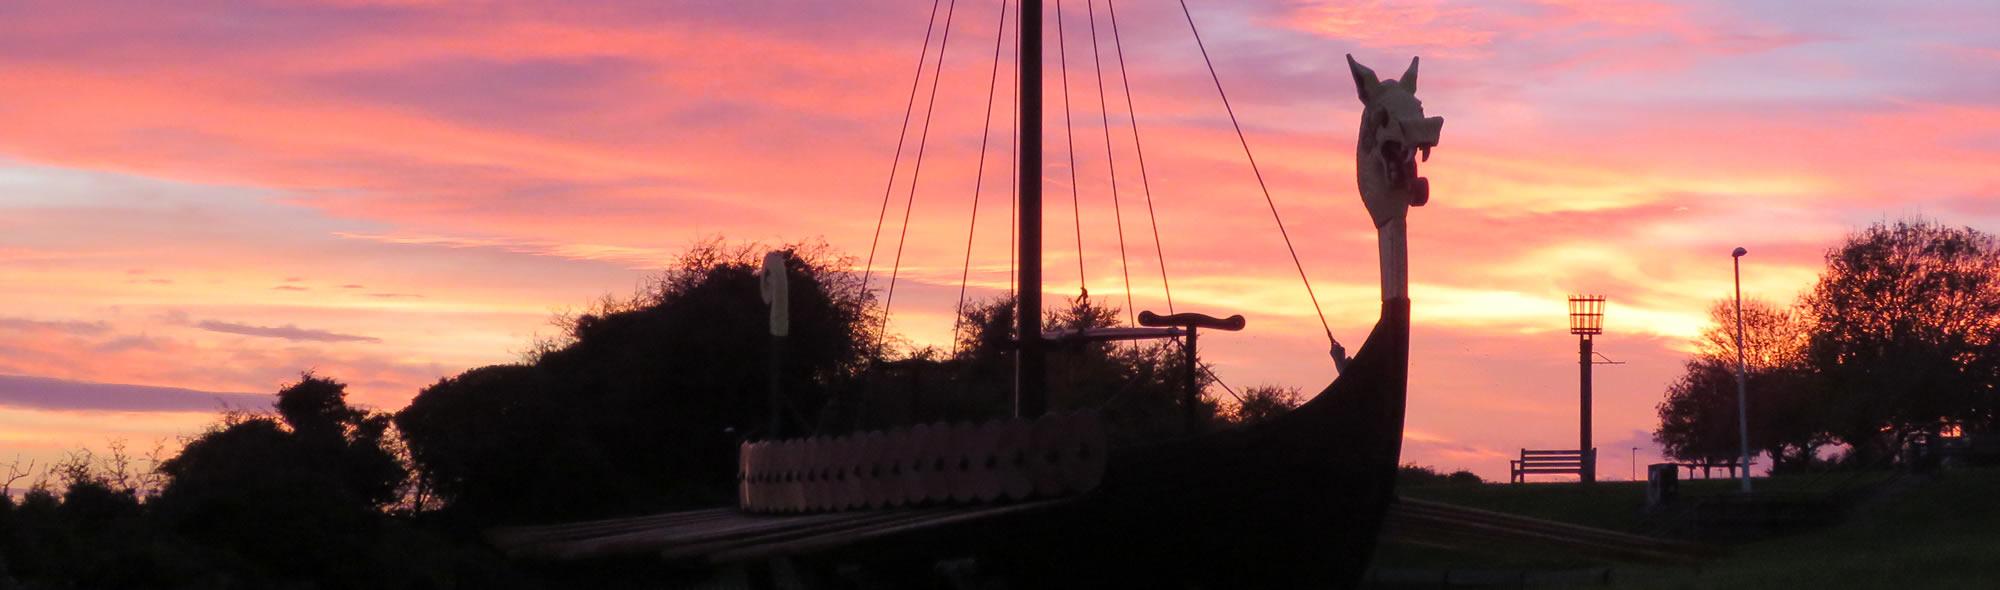 Hugin Viking Ship - Visit Ramsgate